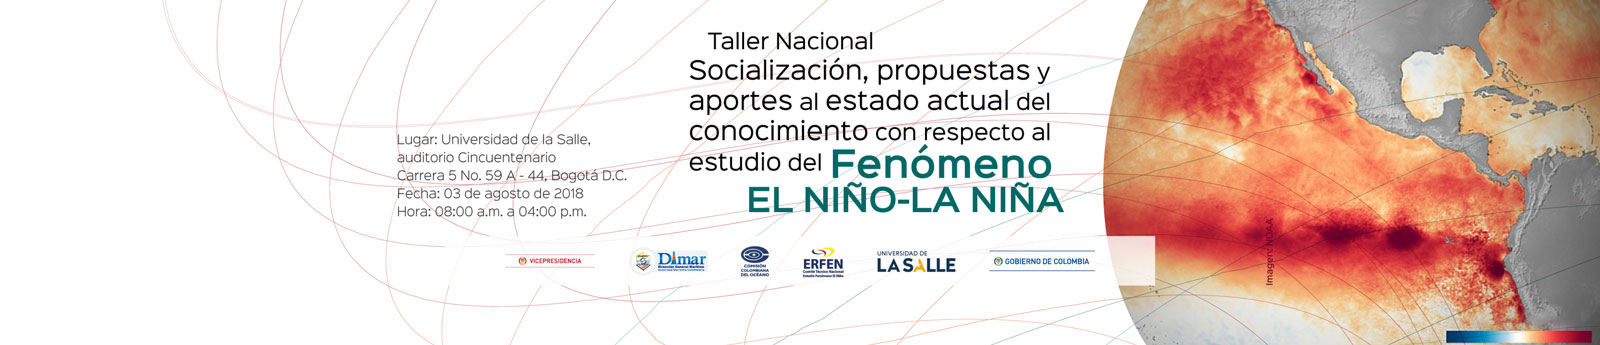 Taller Nacional Socialización, propuestas y aportes al estado actual del conocimiento con respecto al estudio del Fenómeno El NIÑO LA NIÑA